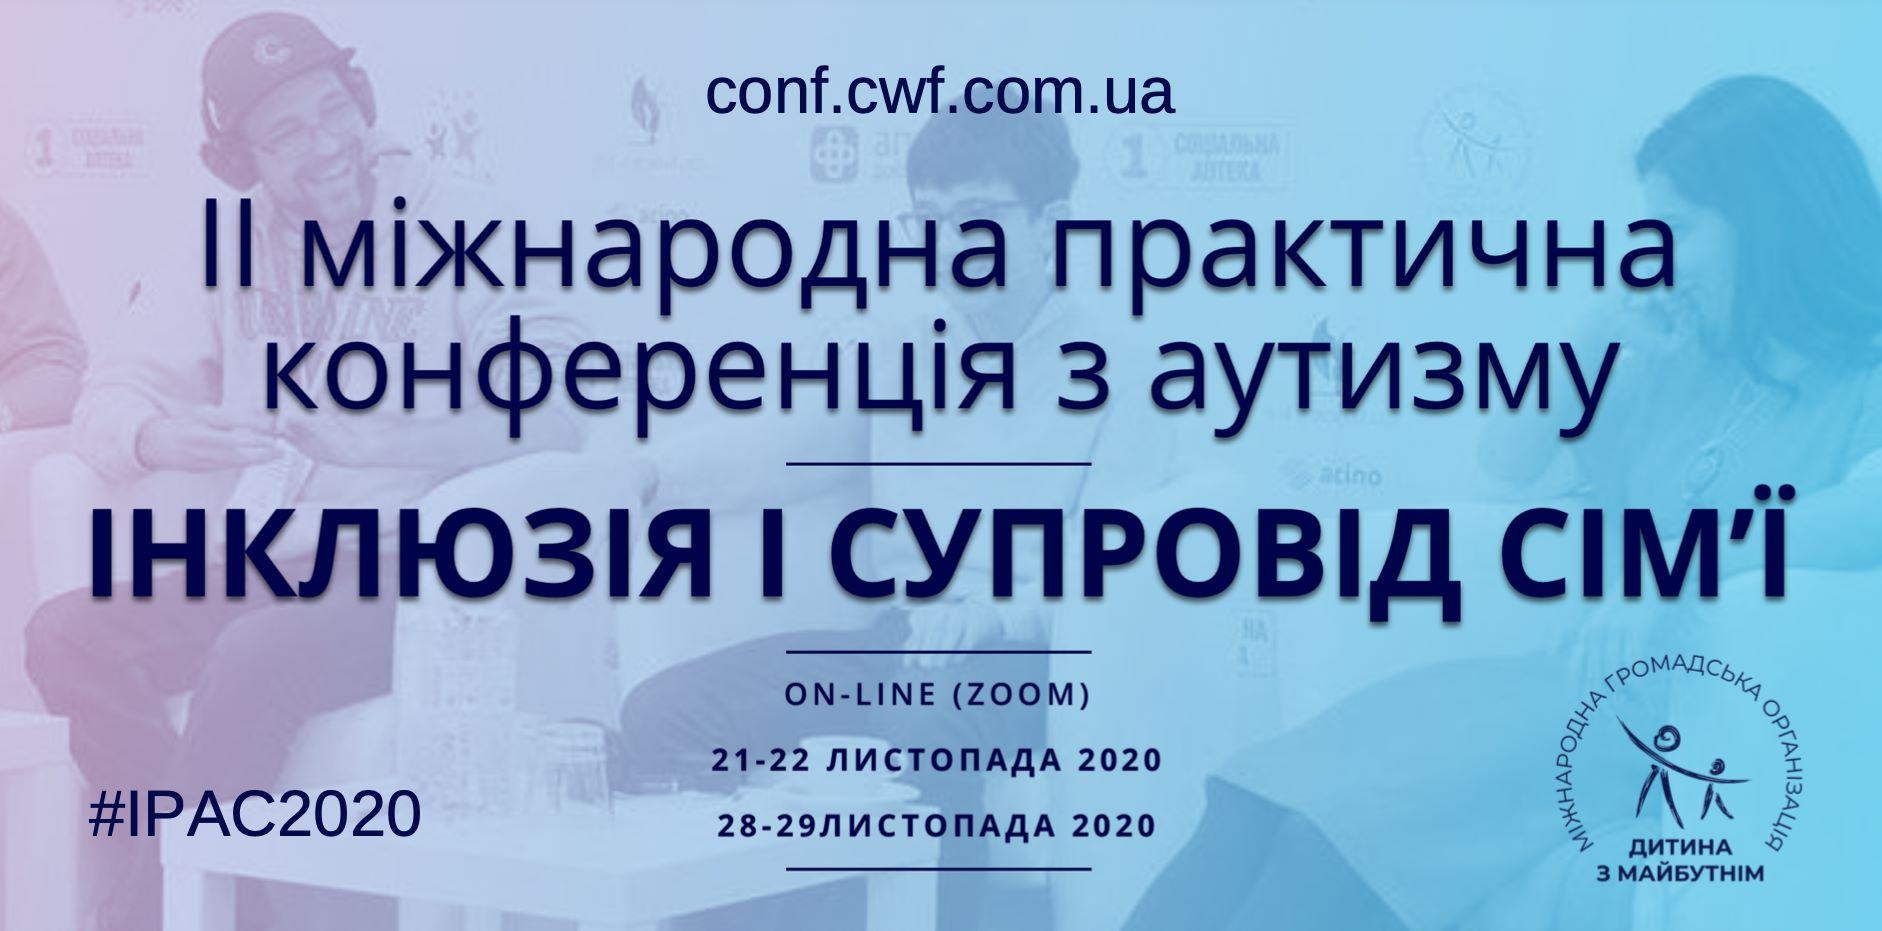 В конце ноября состоится Вторая международная практическая конференция аутизма. На этот раз — в онлайн-формате